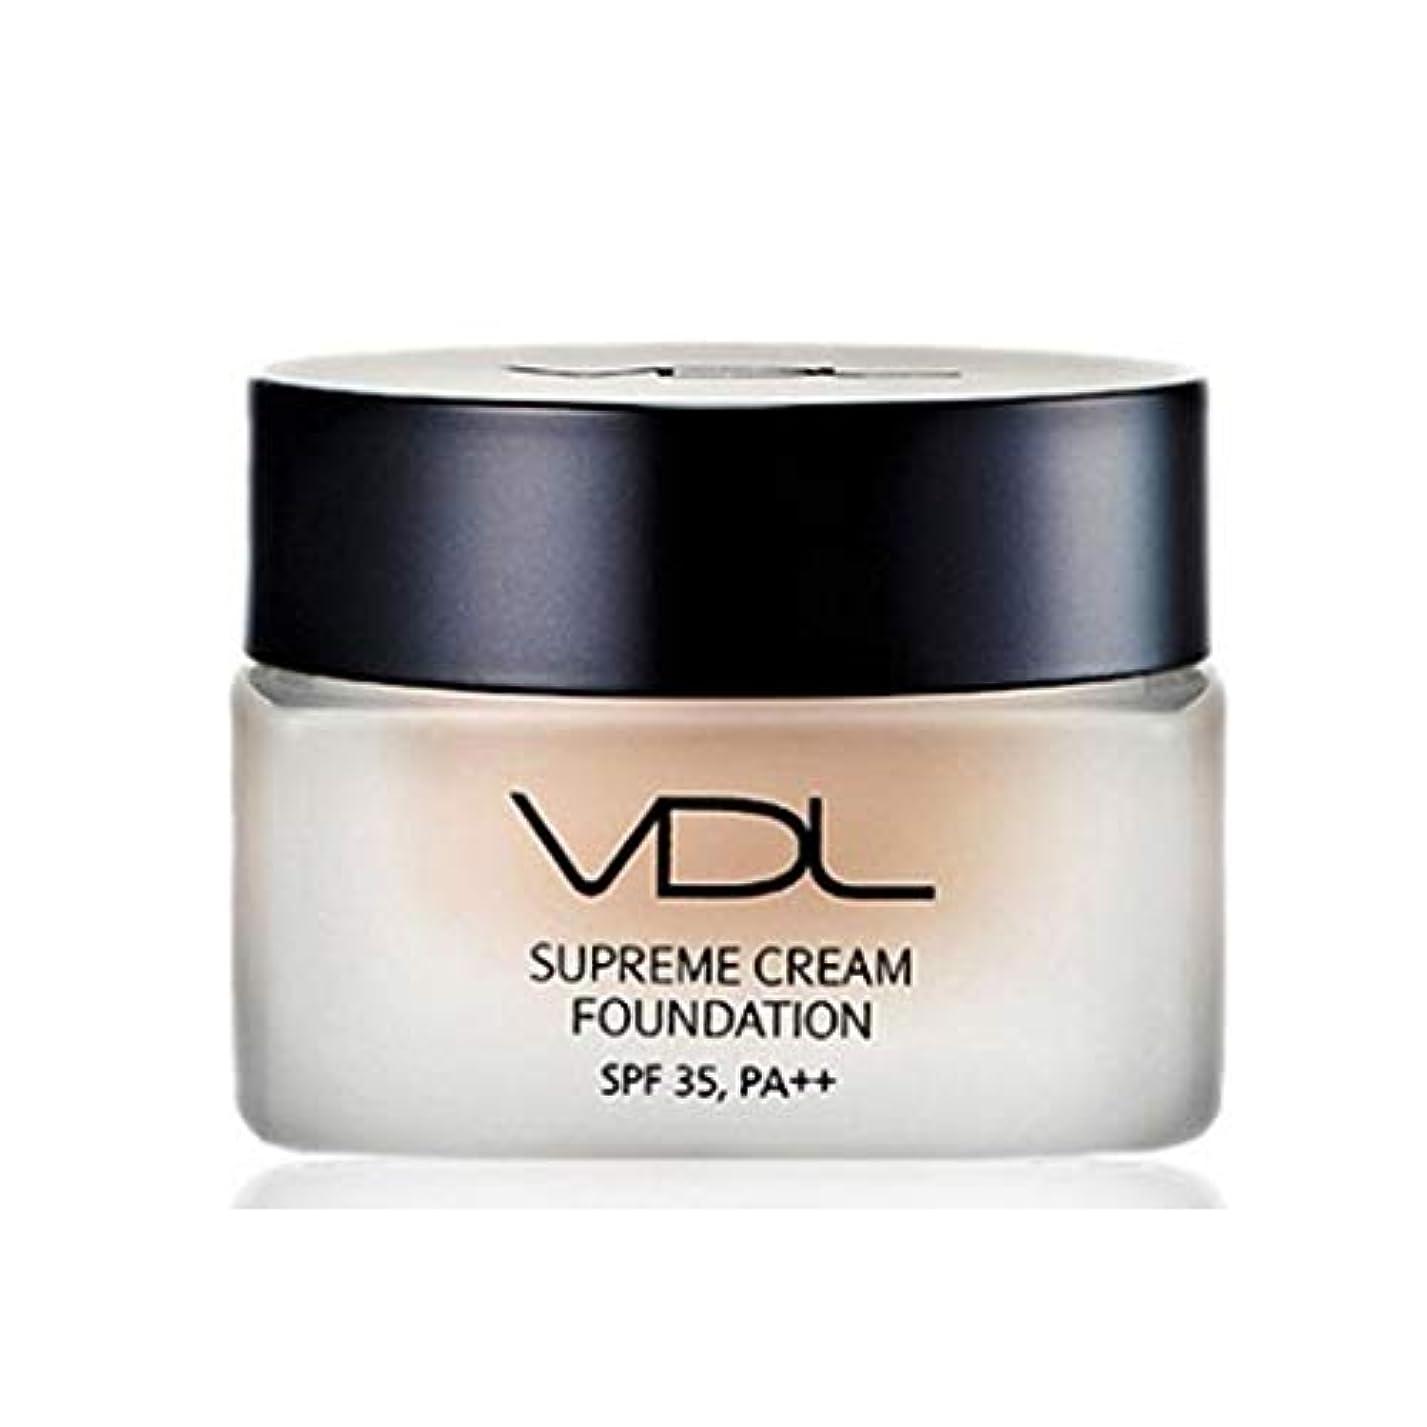 保証するラウズあらゆる種類のVDLスプリームクリームファンデーション30ml SPF35 PA++ 4色、VDL Supreme Cream Foundation 30ml SPF35 PA++ 4 Colors [並行輸入品] (A02)